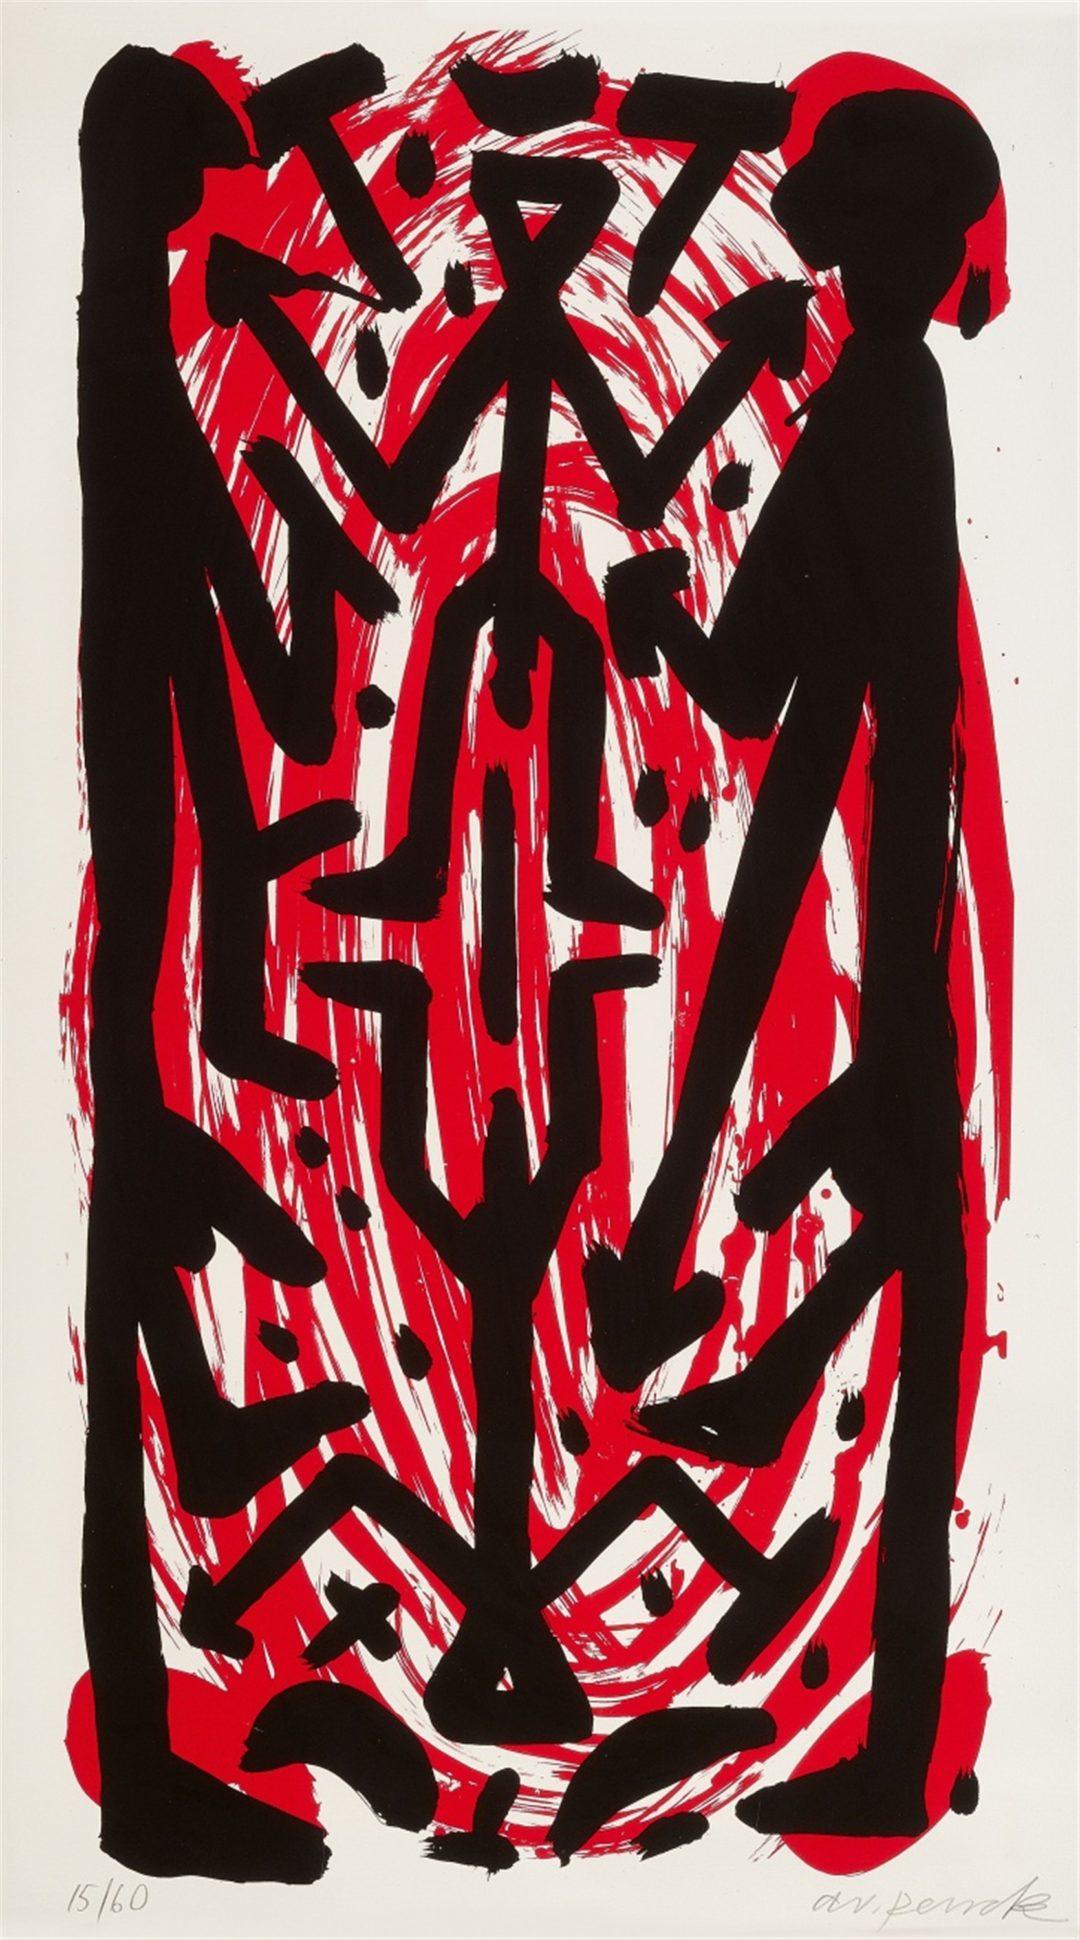 A.R. Penck-Standart hoch B-litho 10/60-110×160-1997